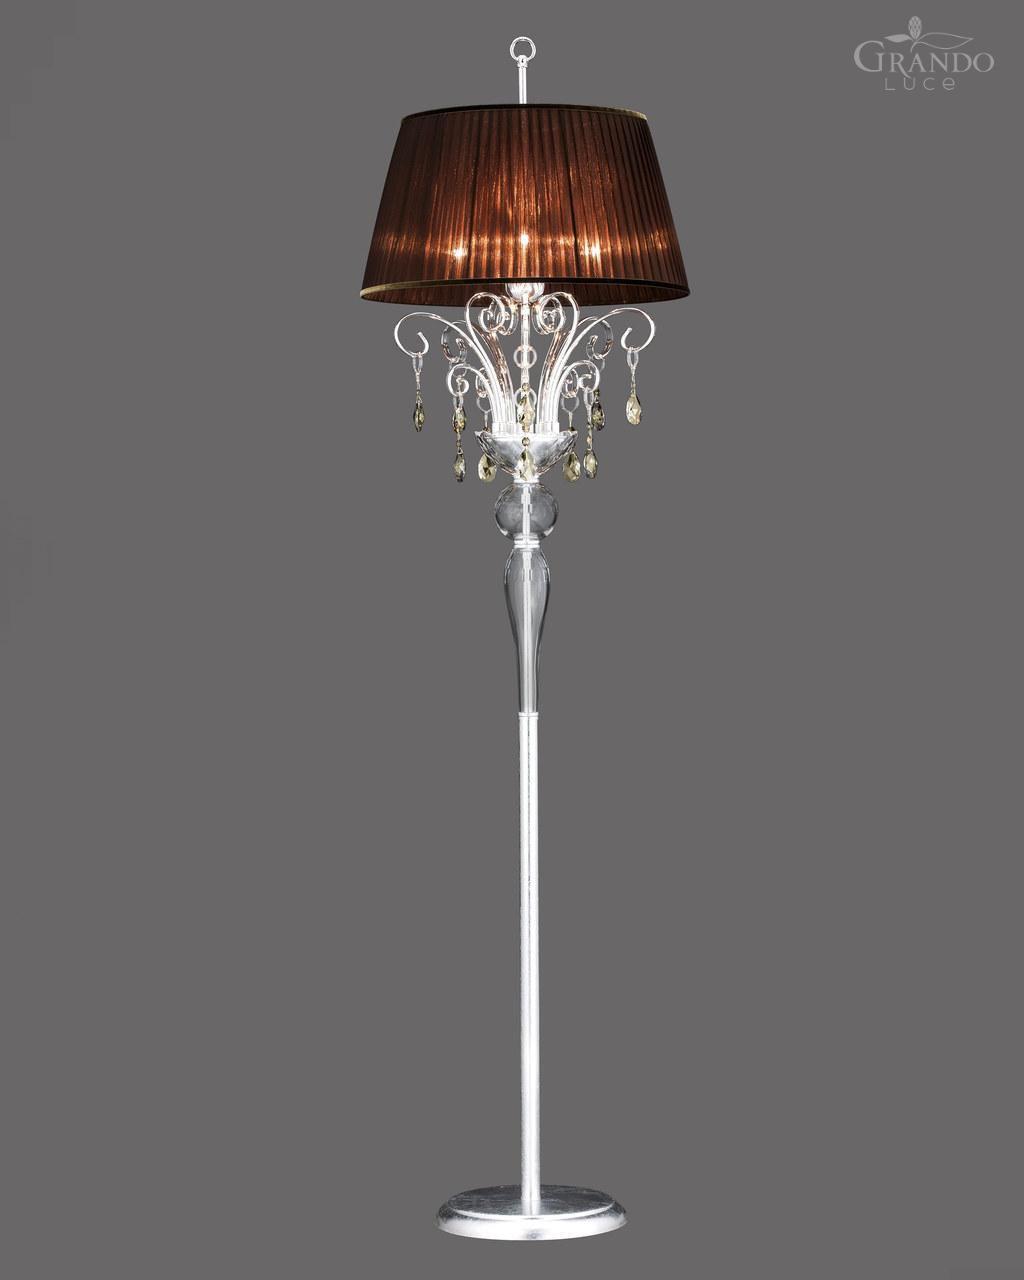 Full Size of Stehleuchte Klassisch Metall Mit Swarovski Kristall Wohnzimmer Stehlampe Schlafzimmer Stehlampen Wohnzimmer Kristall Stehlampe